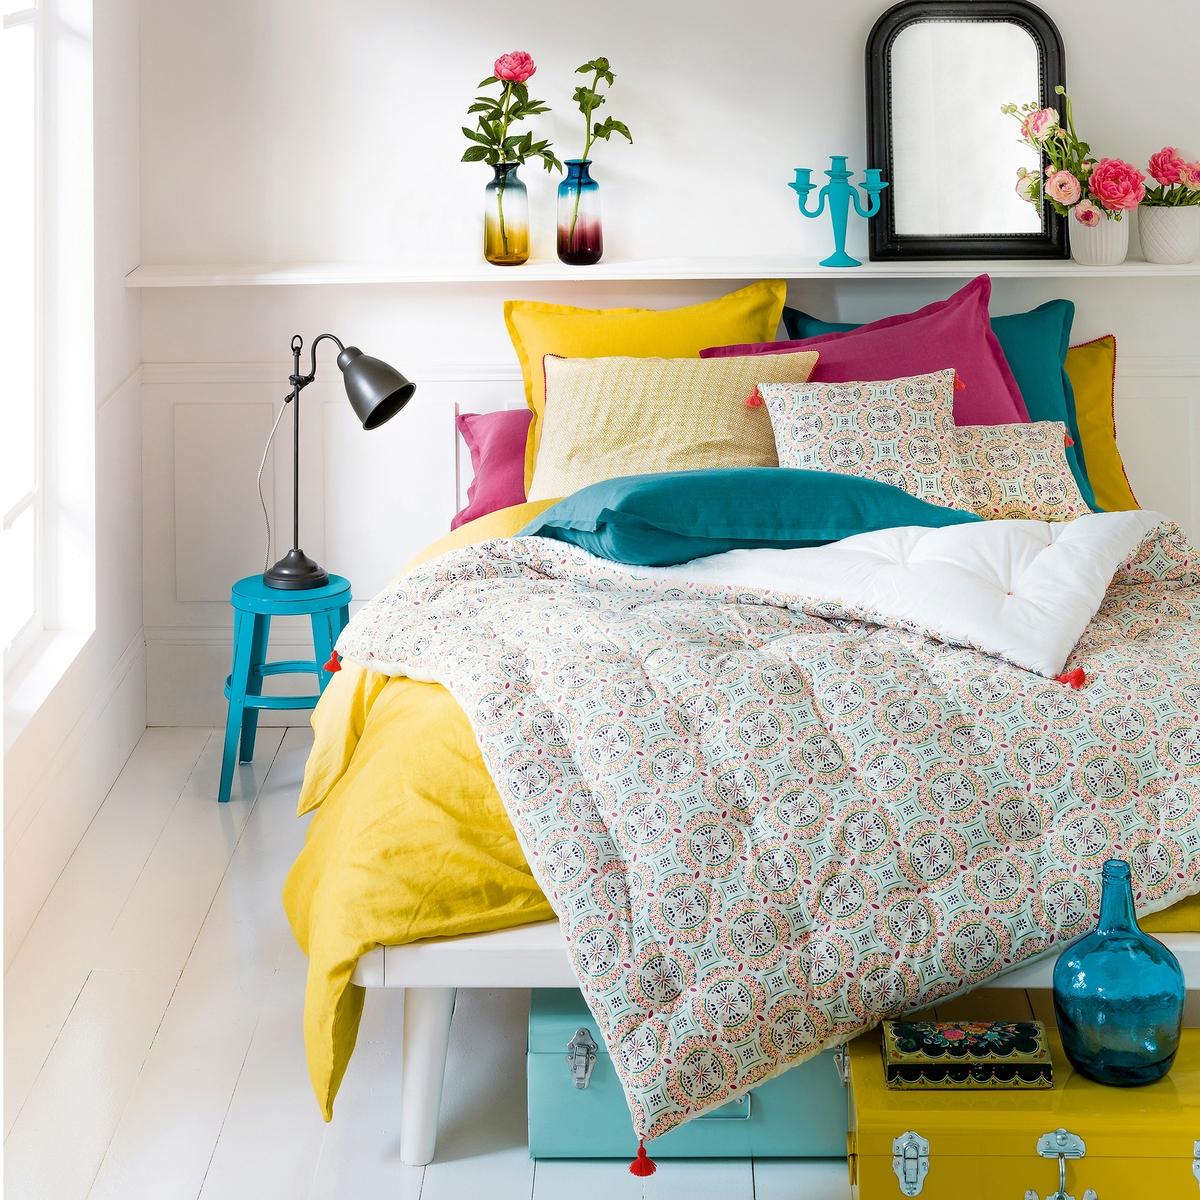 Одеяло из перкали, RosaceХарактеристики перины, Rosace :Верх из перкали 100% хлопка . Наполнитель 100% полиэстера (600 г/м?) .Оборотная сторона - однотонная белая . Отделка помпонами кораллового цвета .<br><br>Цвет: рисунок разноцветный<br>Размер: 90 x 190  см